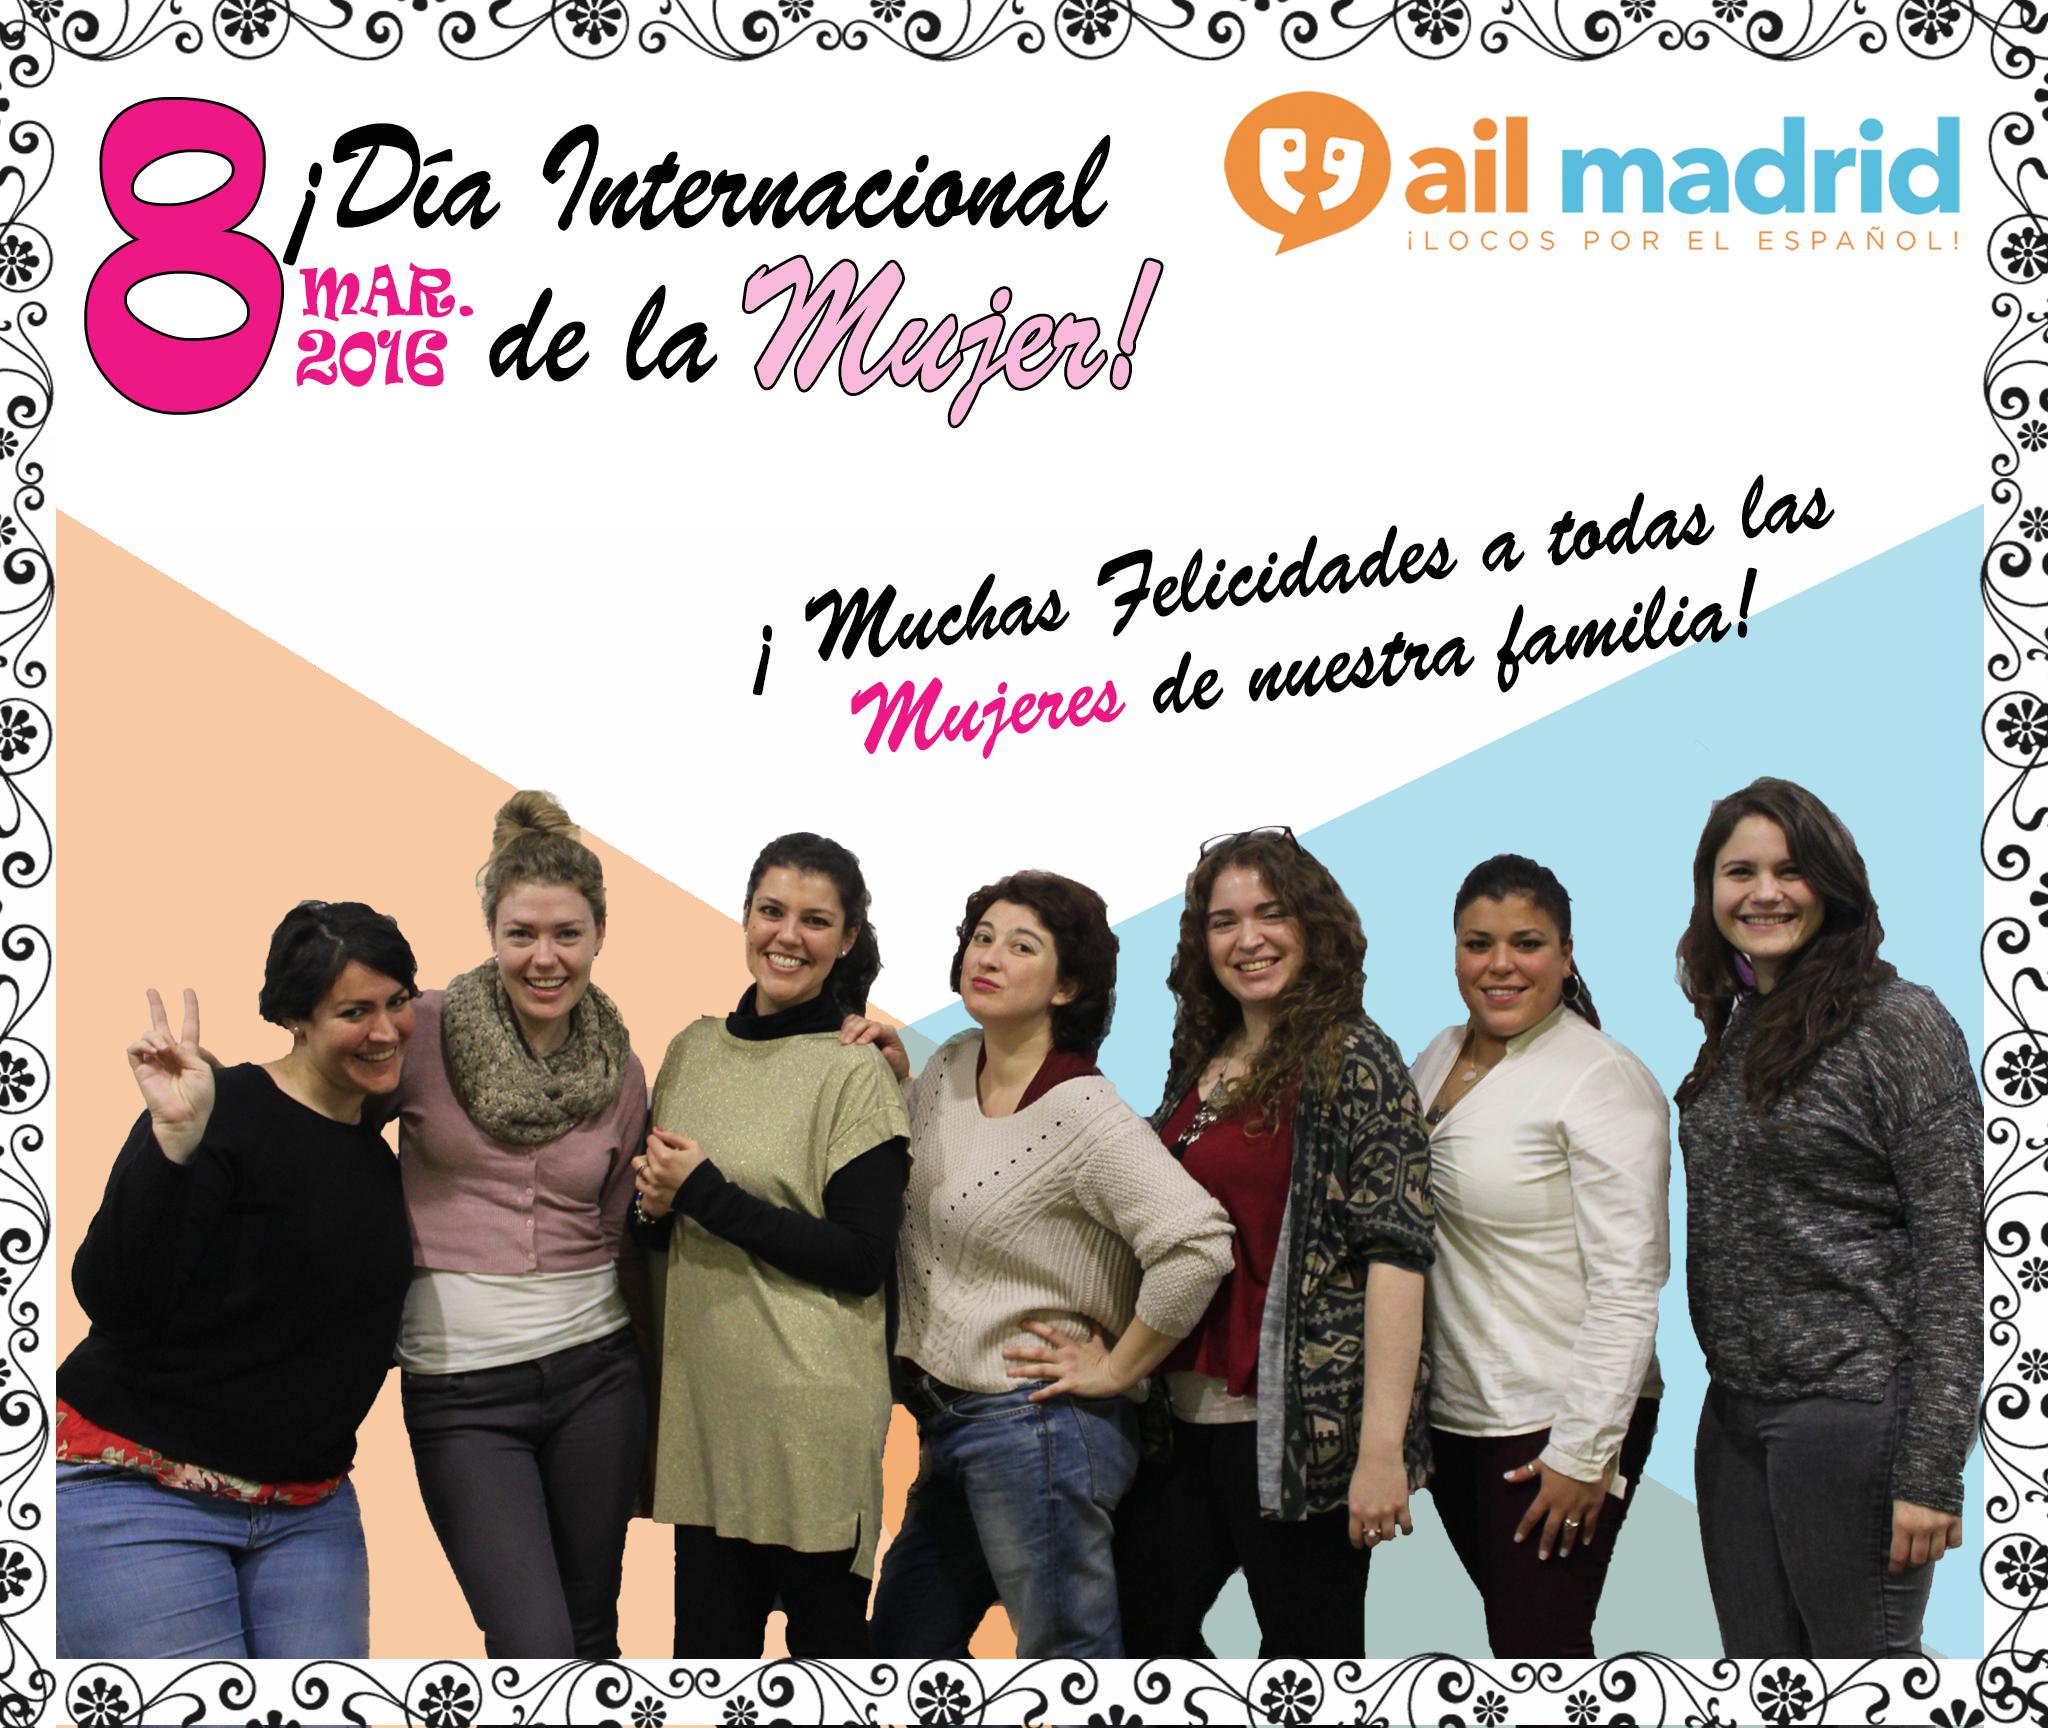 ¡Es un gran dia para celebrar el Día Internacional de las Mujeres y hemos pasado la clase hablando sobre historias más inspiradoras de las mujeres de AIL! --- It's a great day to celebrate #InternationalWomensDay- we've spend the day hearing inspirational stories from the AIL women!